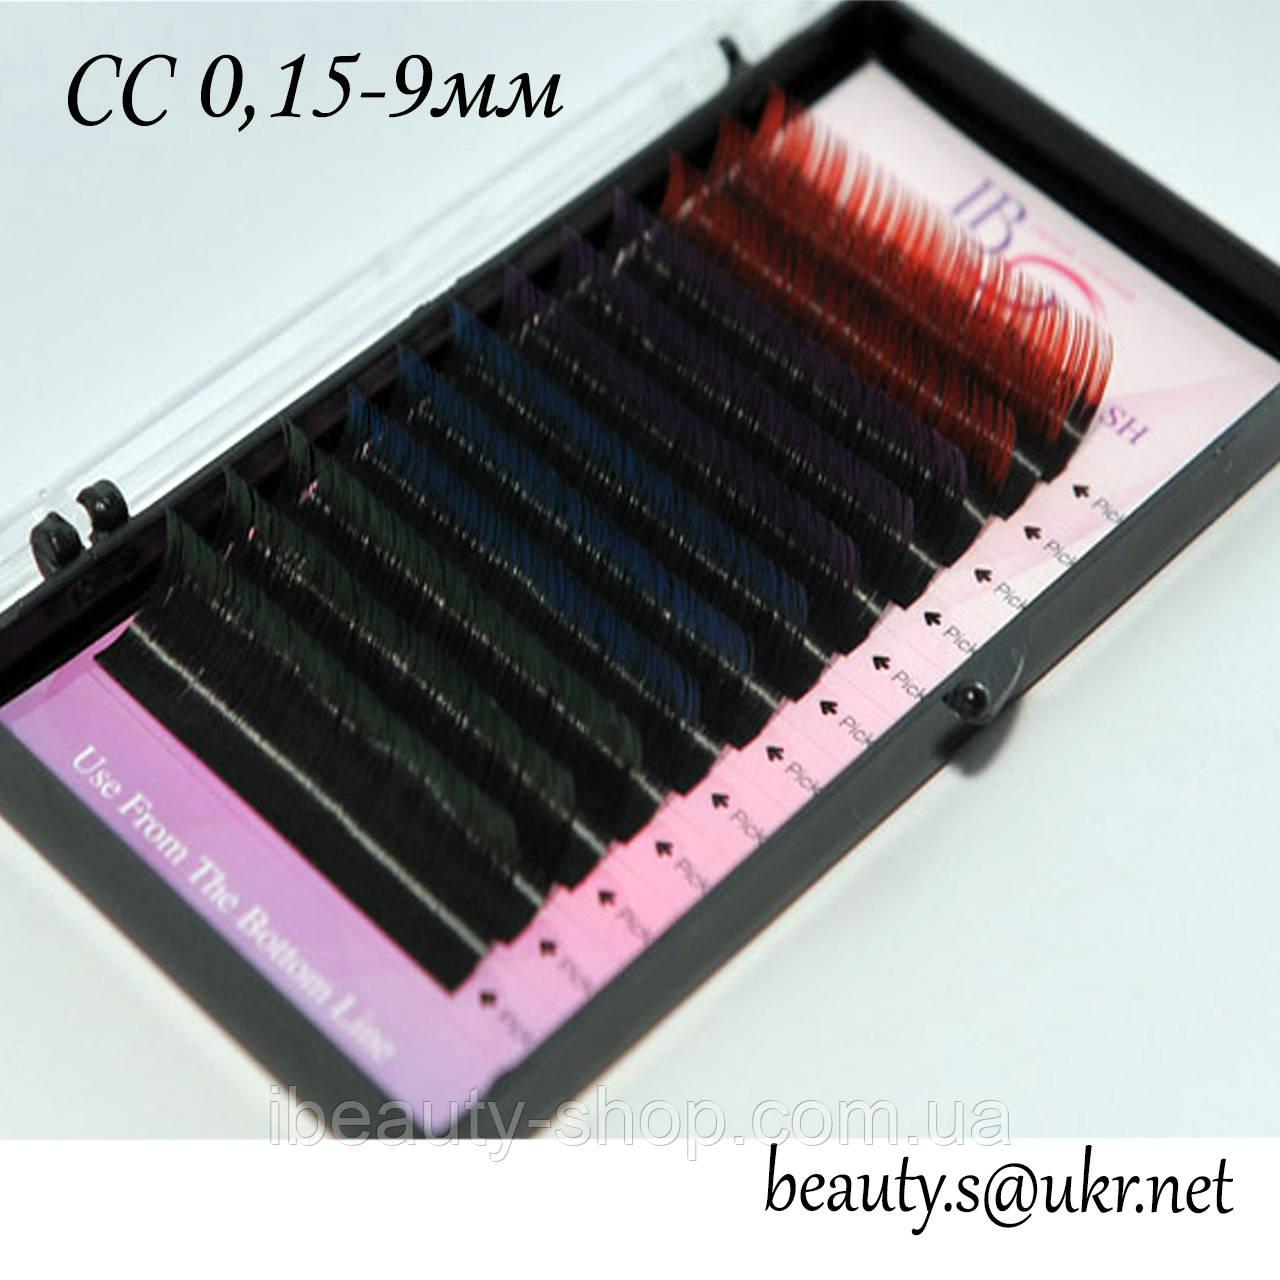 Ресницы I-Beauty, CC 0,15-9мм,цветные концы,4 цвета